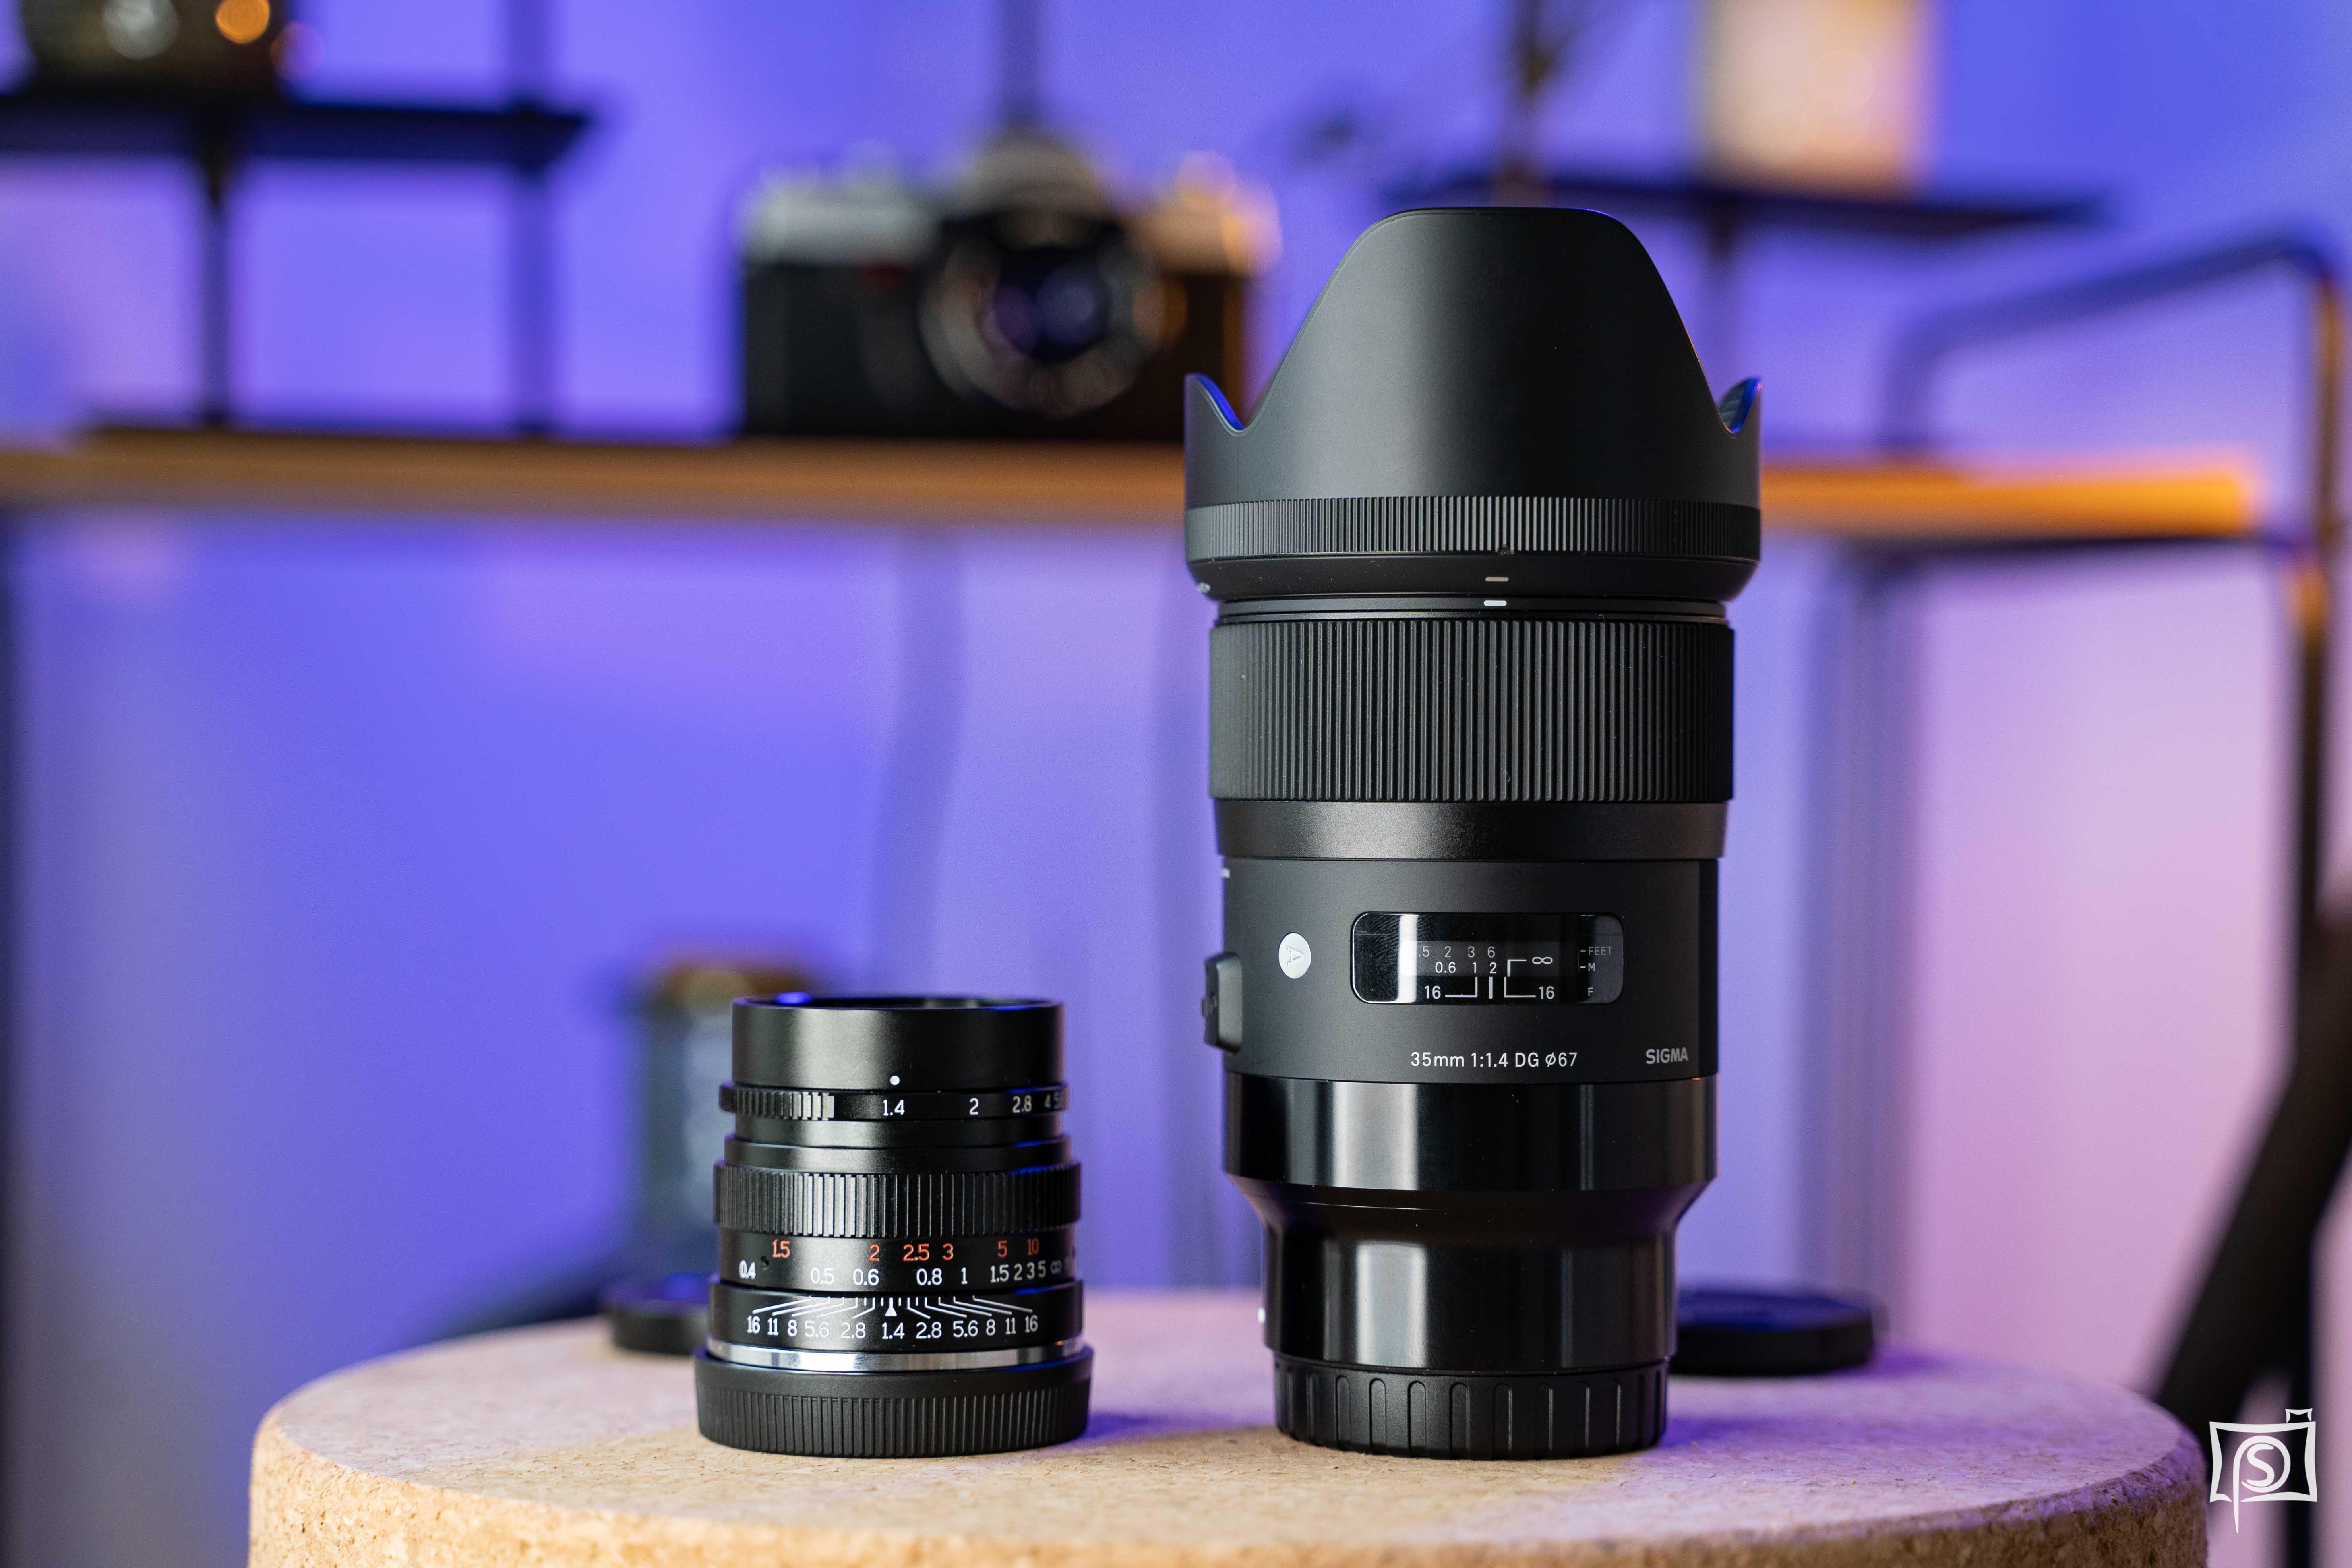 Vergleich Sigma 35mm und 7Artisans für E-Mount